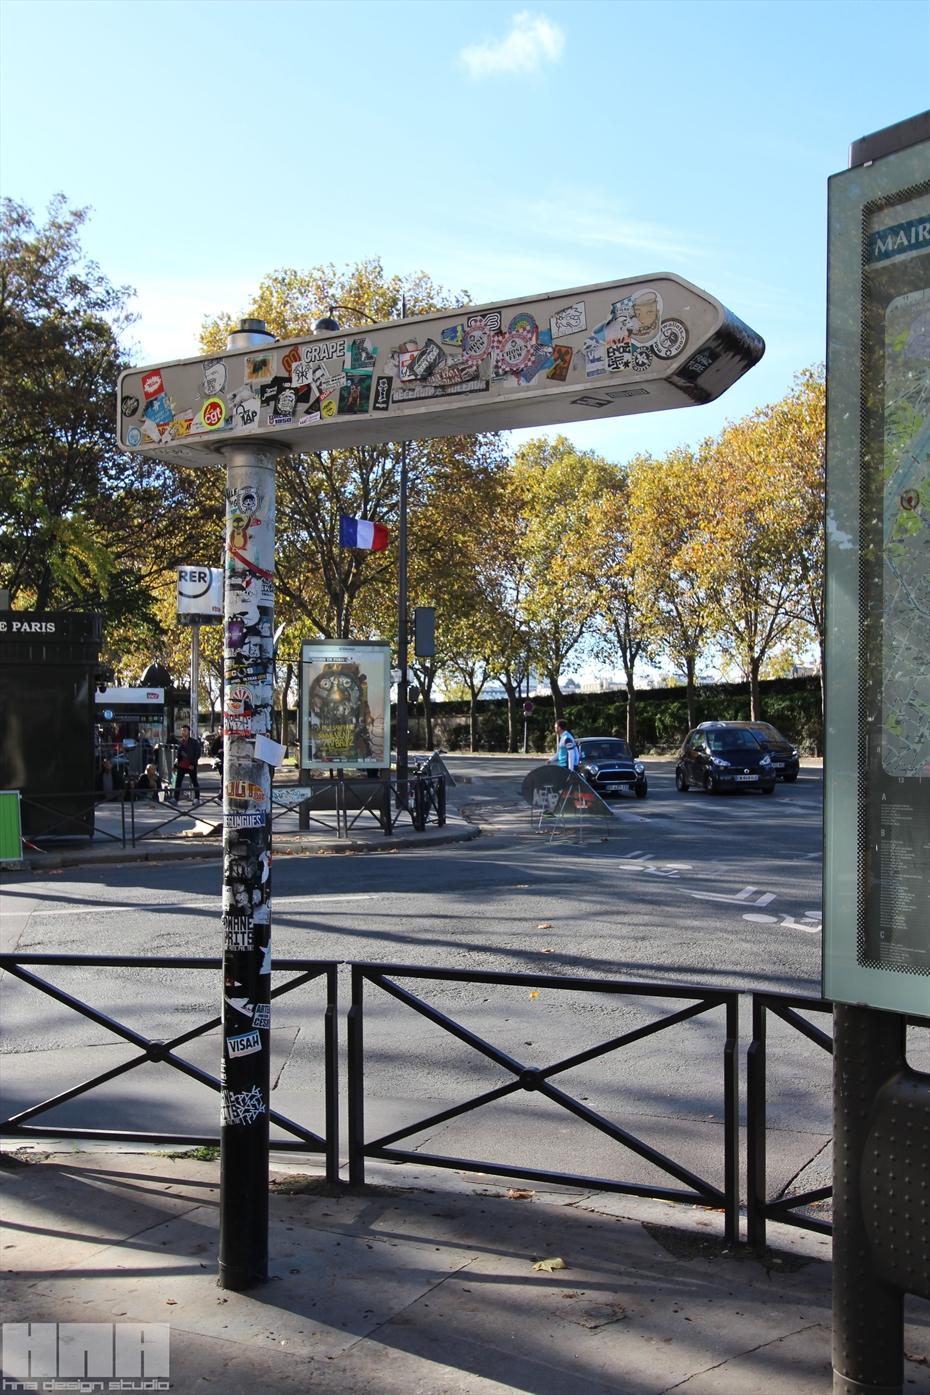 parizs street art 2